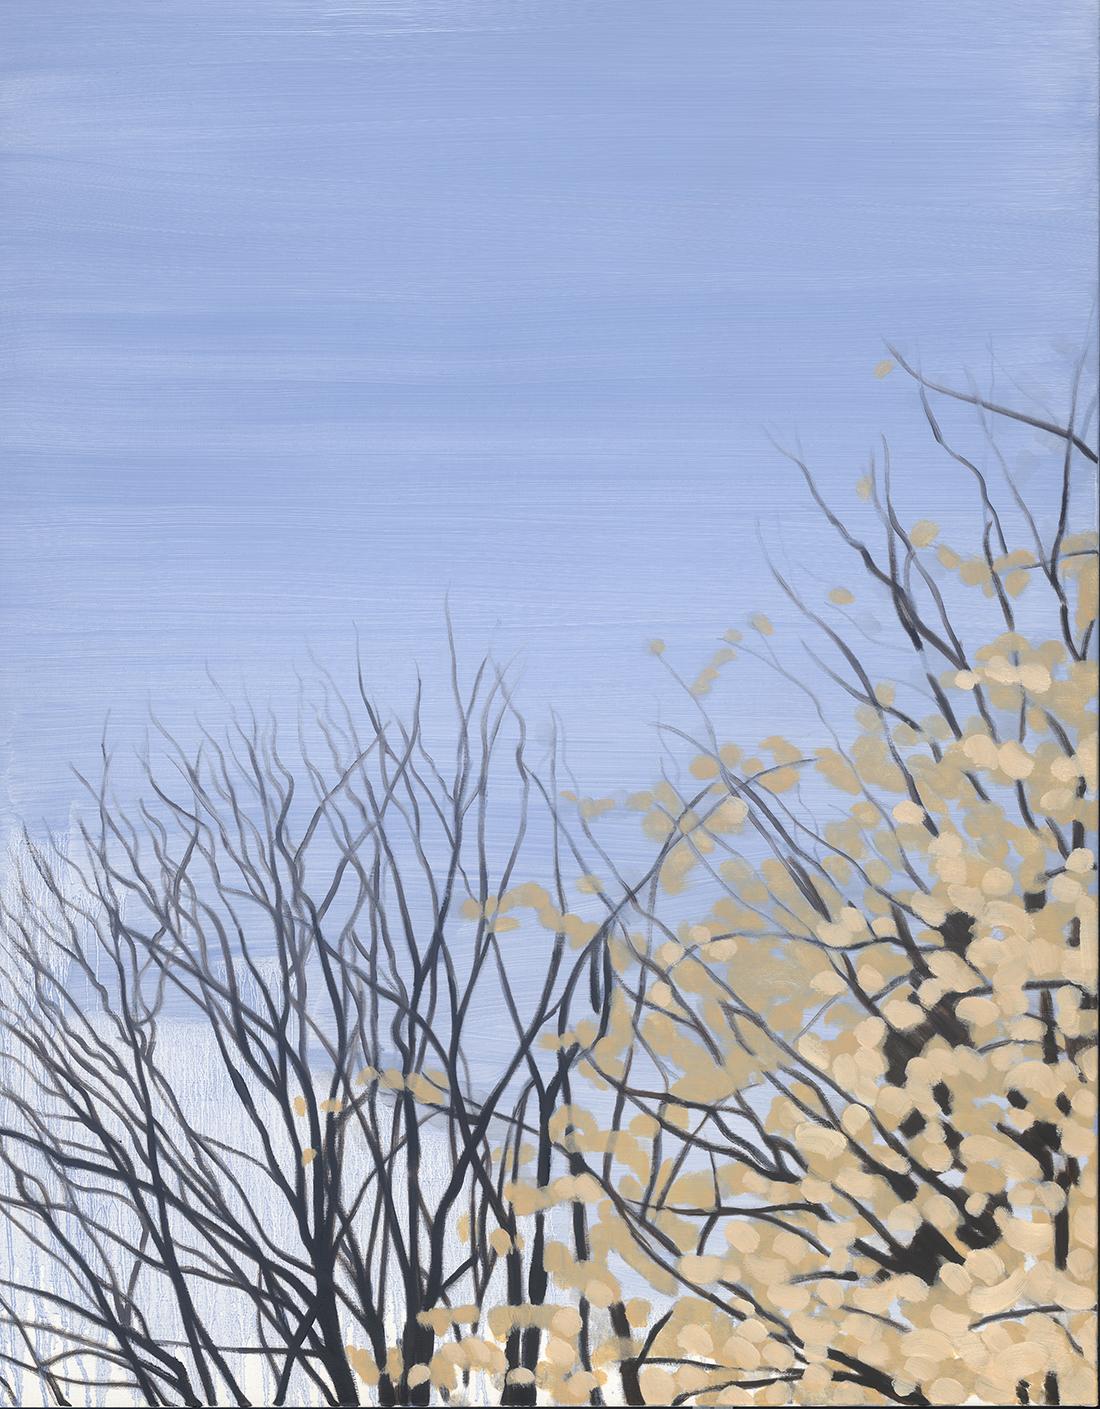 Blossom,oil on linen, 107 x 83.5 cm (sold)